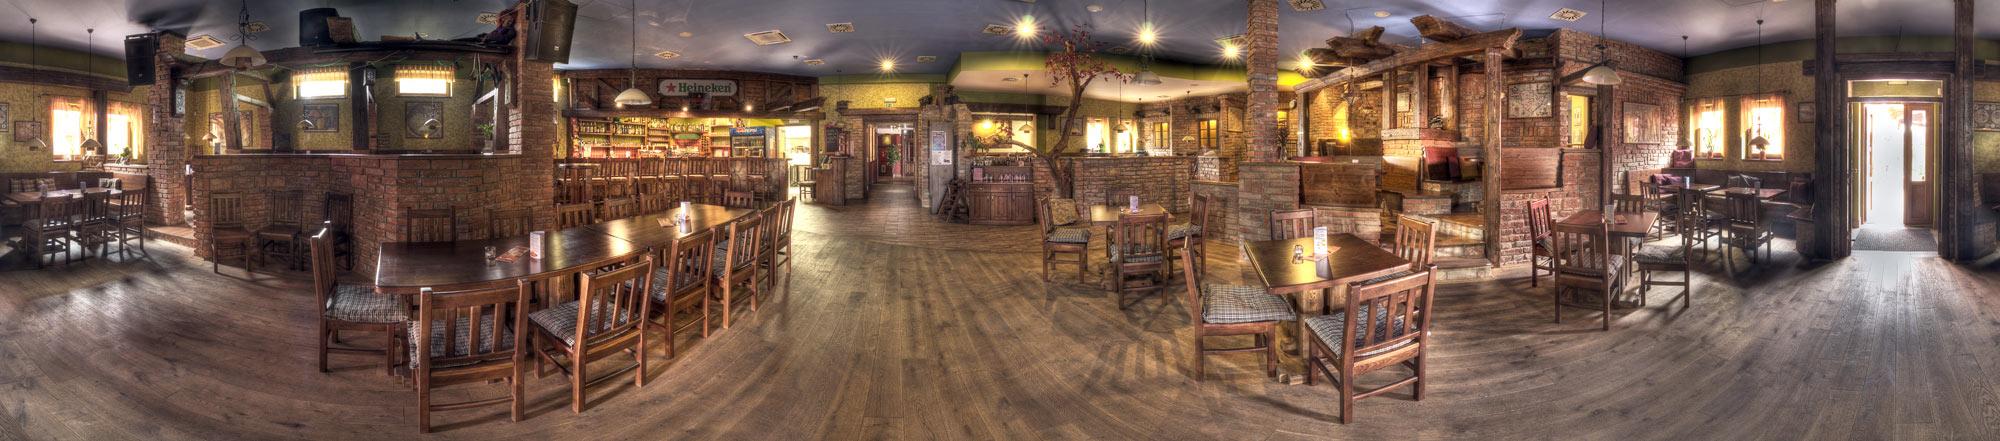 panorama Restaurace a bowling Nový svět